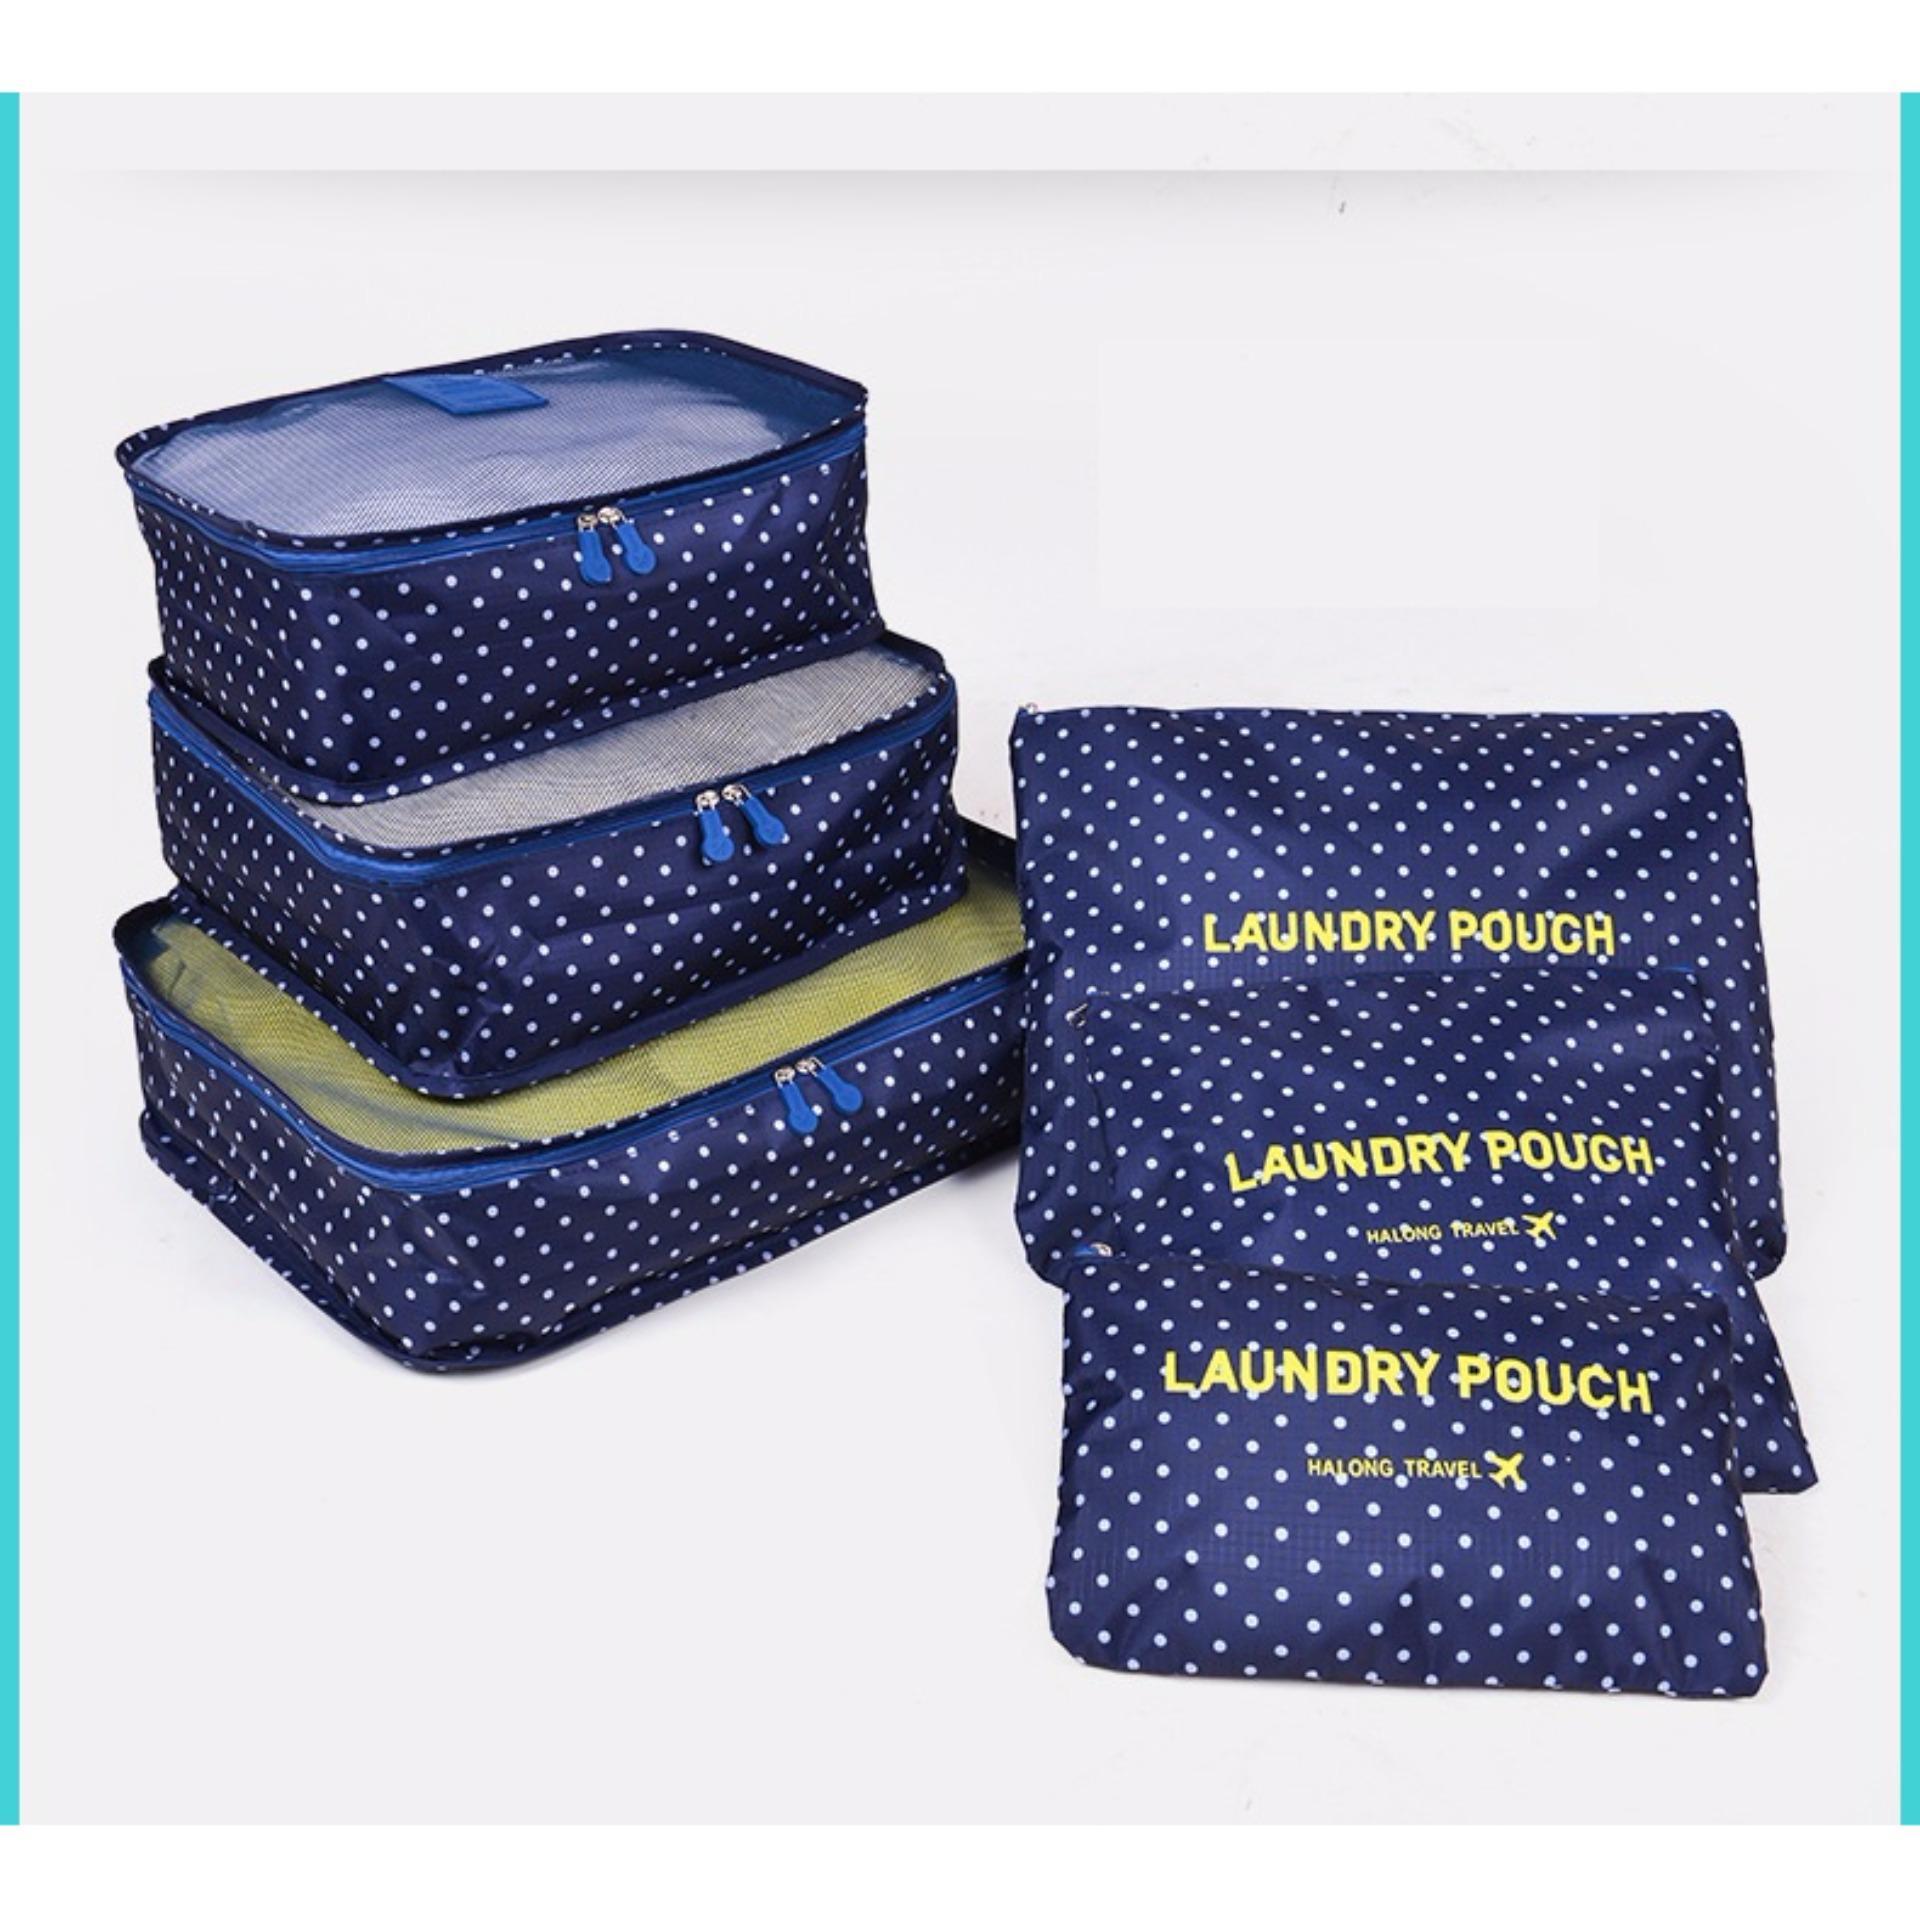 So Sánh Giá Bộ 6 túi du lịch chống thấm Chodeal24h – Chấm bi – Xanh dương đậm